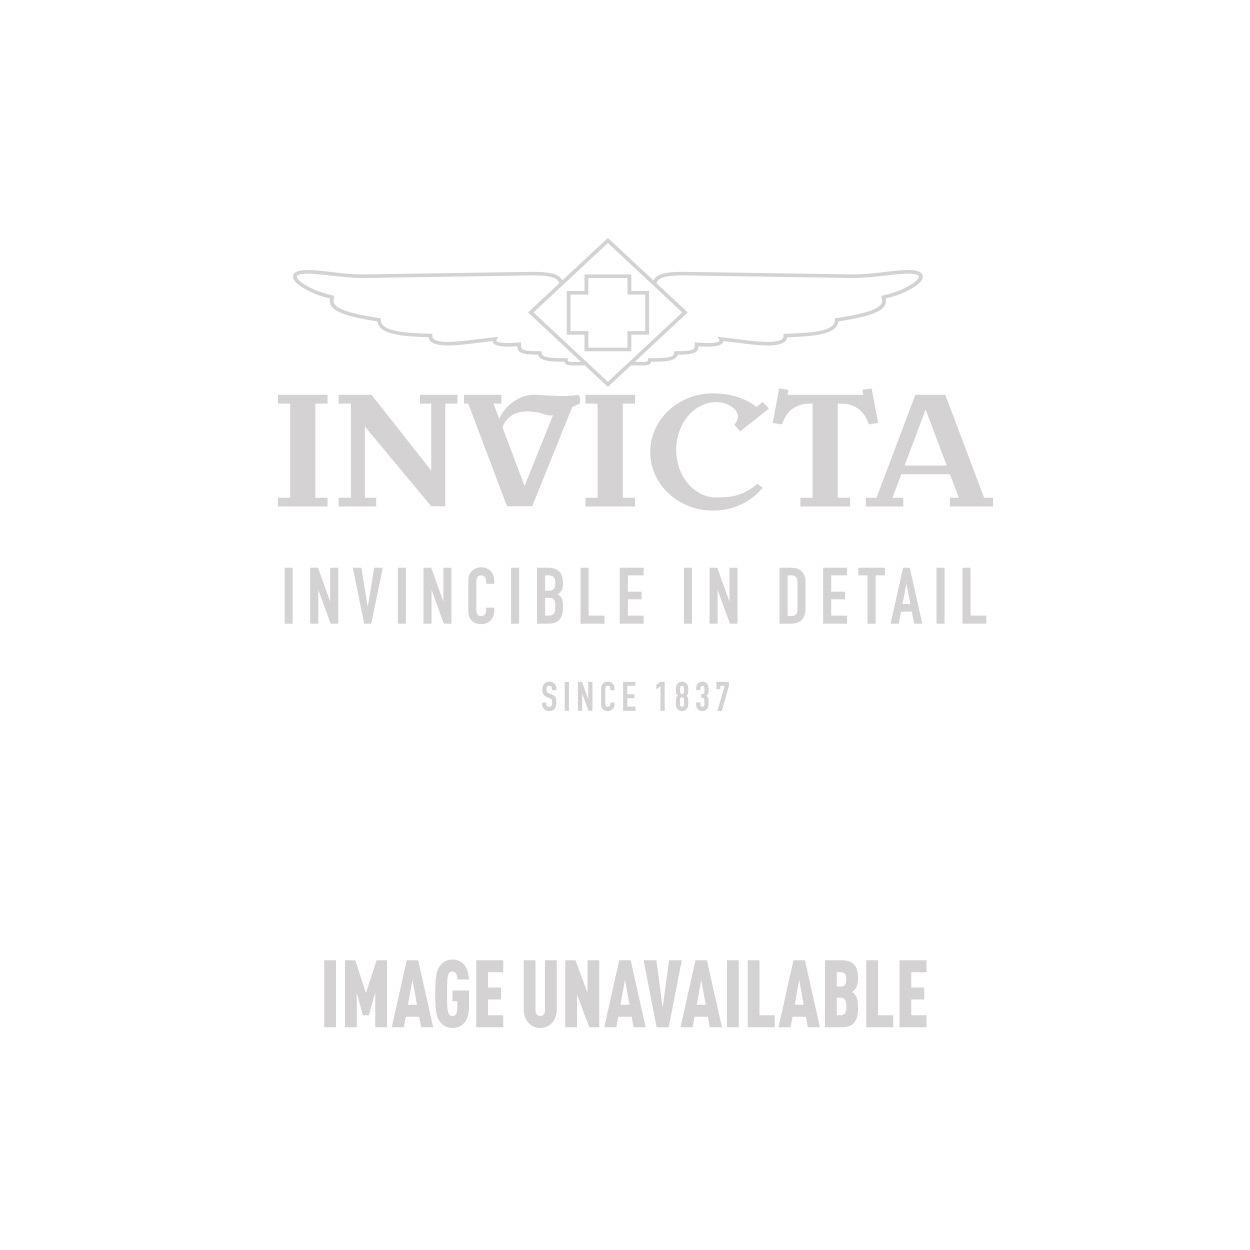 Invicta Model 25457